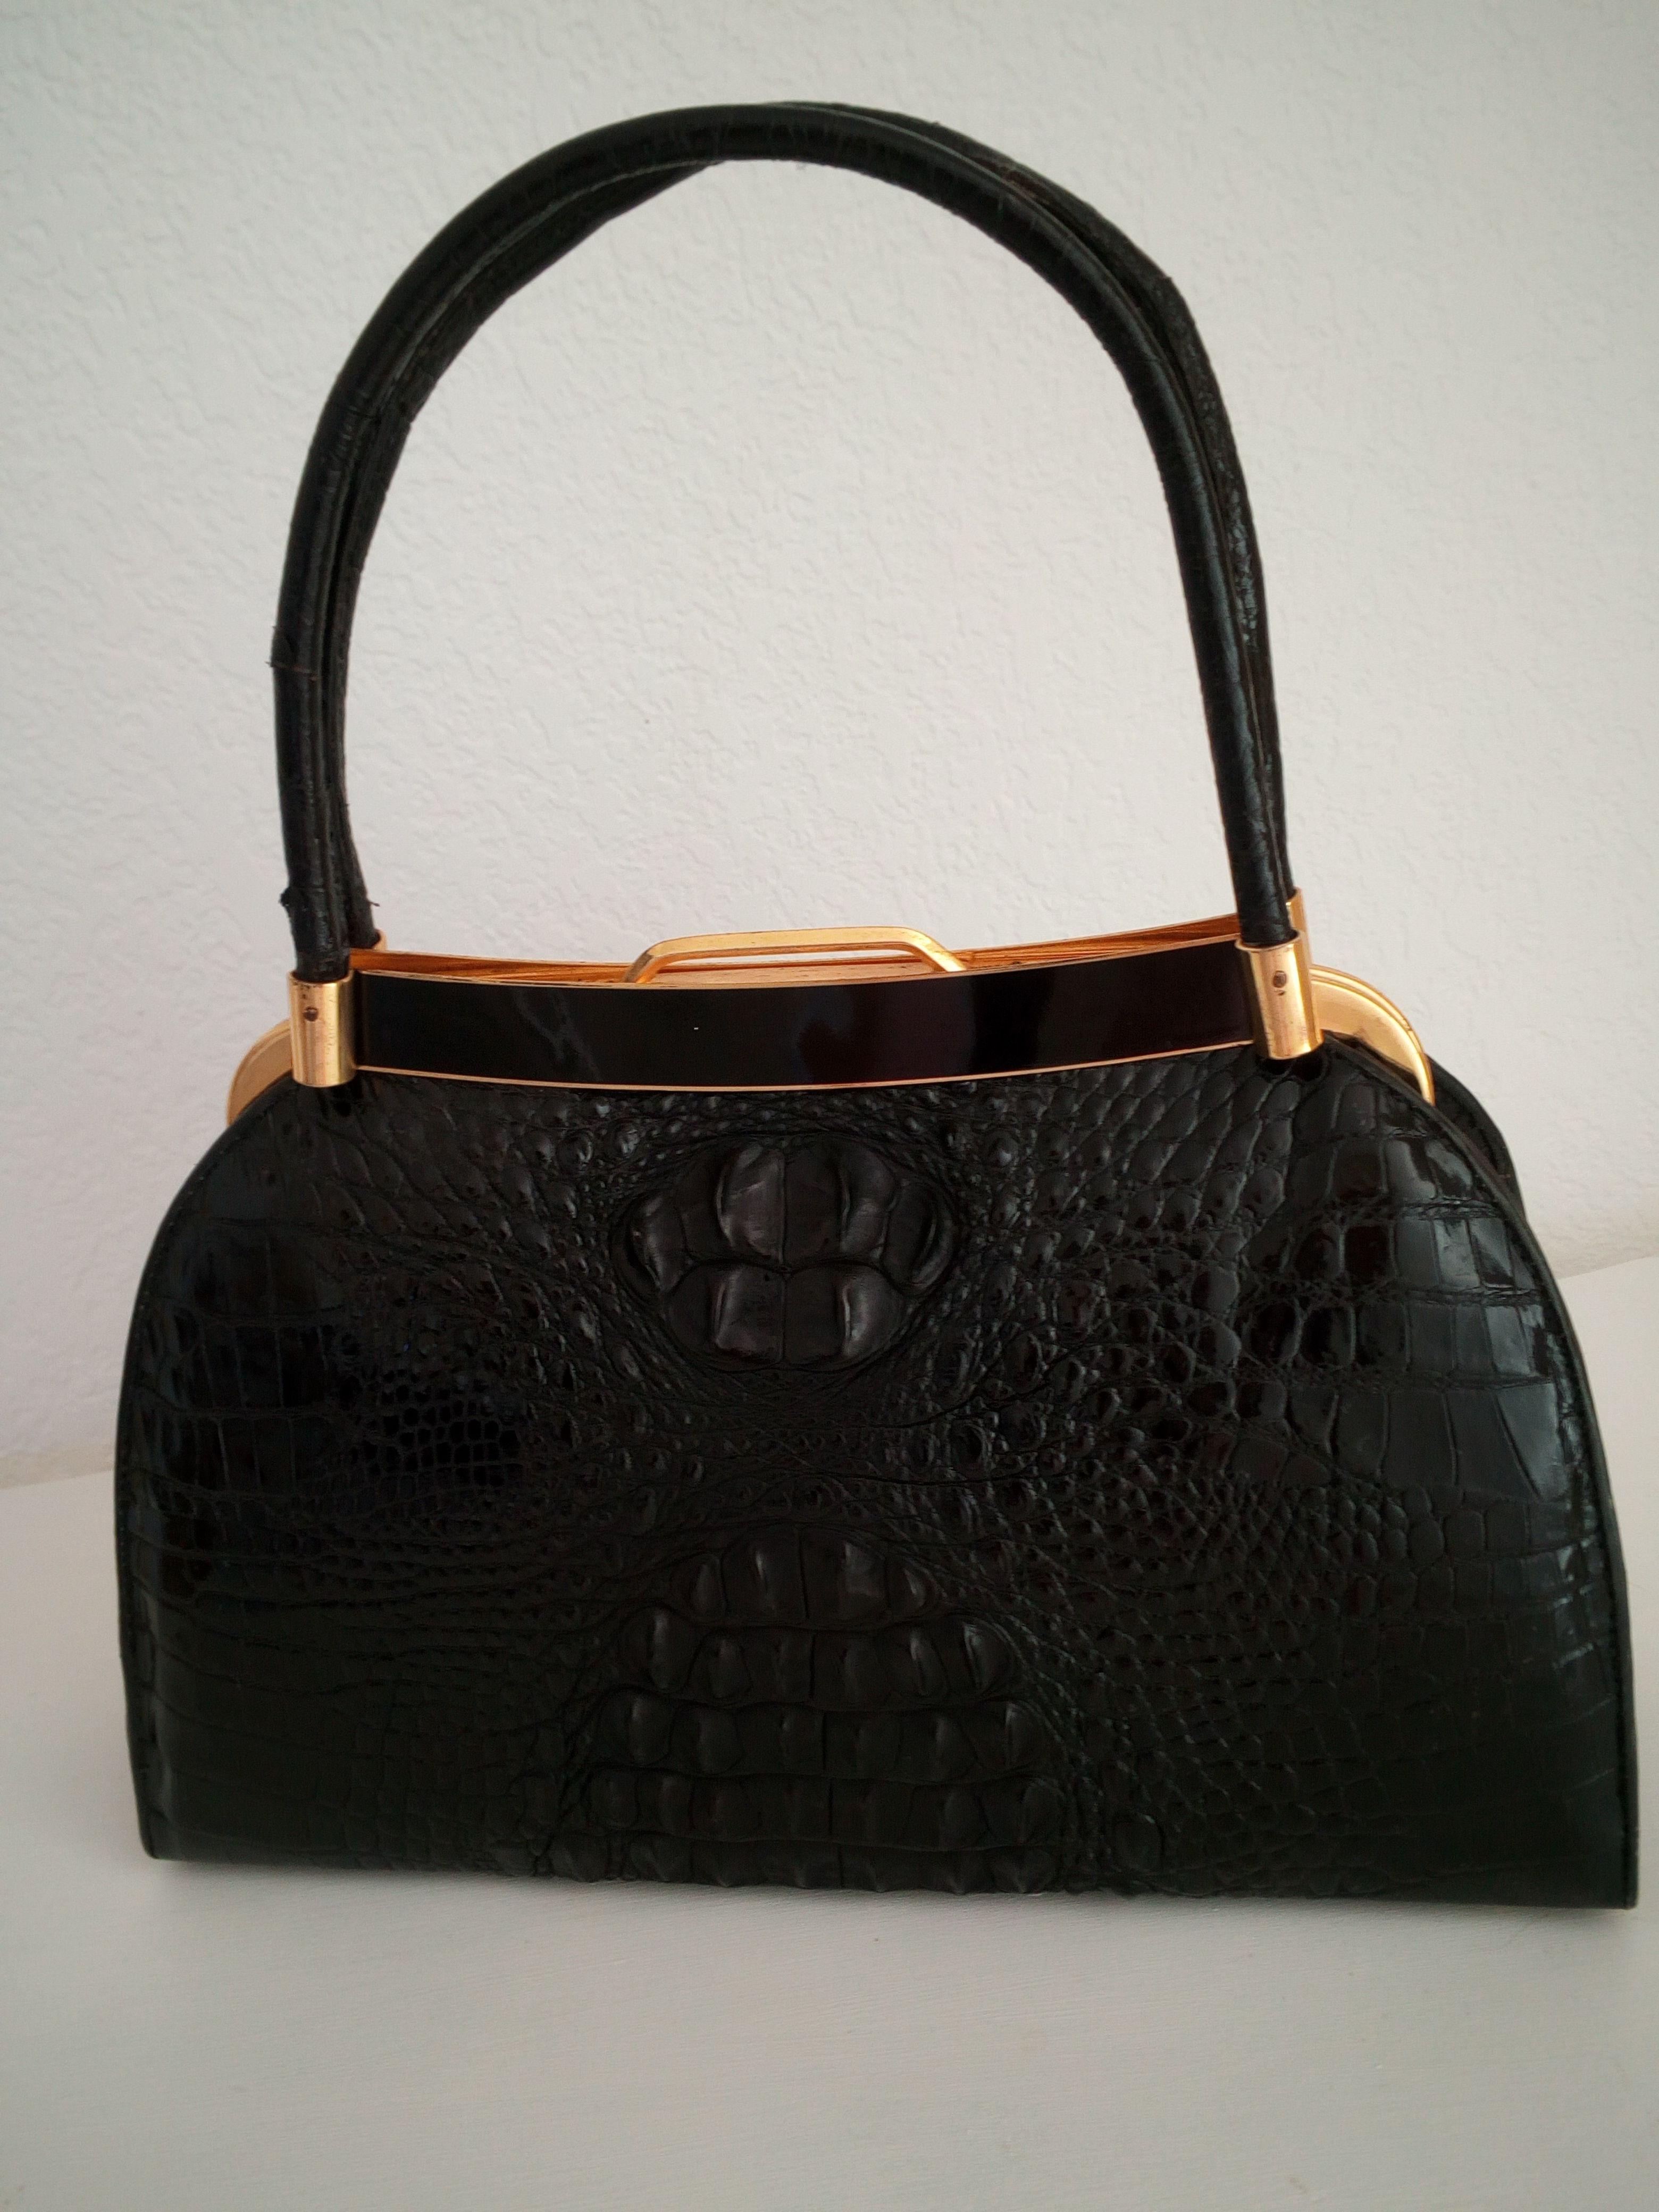 sac  a main crocodile noir 1100 Lunel (34)